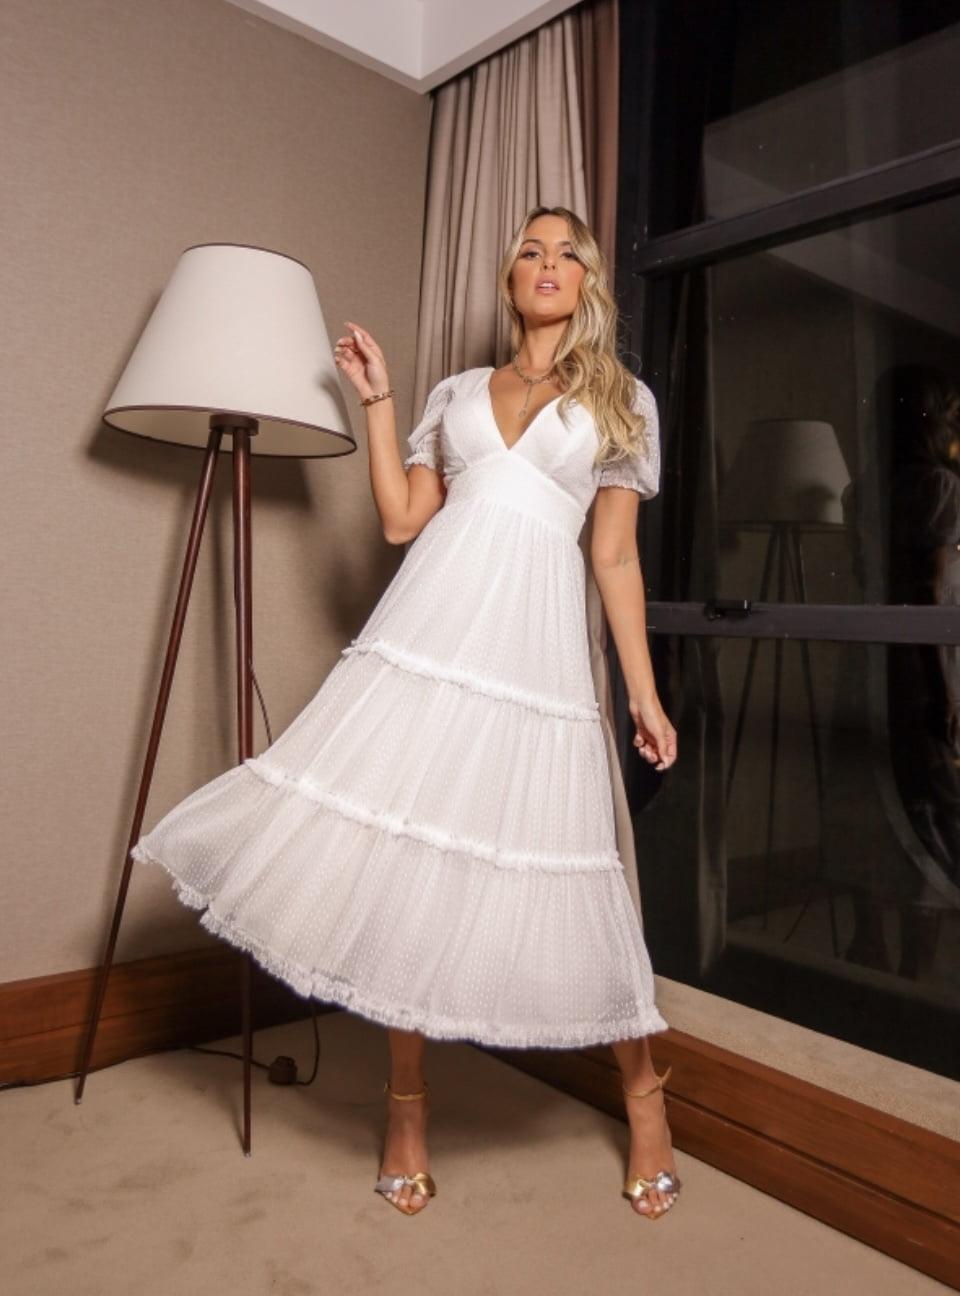 Vestido Branco Midi Manga Curta Tule de Póa Casamento Civil, Noiva Civil e Festas.